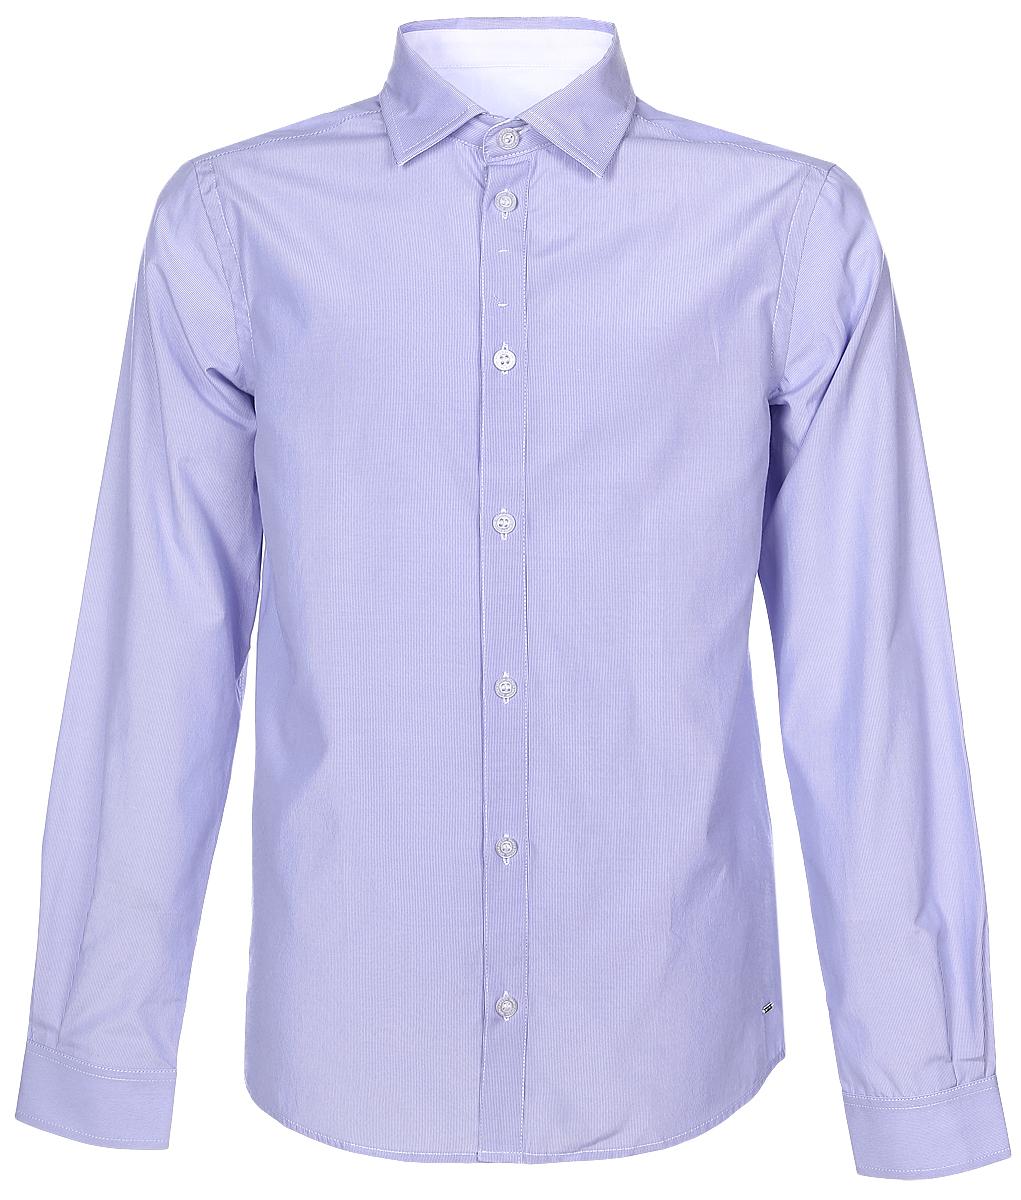 SSFSB-629-13831-334Стильная рубашка Silver Spoon станет отличным дополнением к школьному гардеробу вашего мальчика. Модель, выполненная из хлопка с добавлением полиэстера, необычайно мягкая и приятная на ощупь, не сковывает движения и позволяет коже дышать. Рубашка классического кроя с длинными рукавами и отложным воротником застегивается на пуговицы по всей длине. На манжетах предусмотрены застежки-пуговицы. Модель оформлена принтом в мелкую полоску.